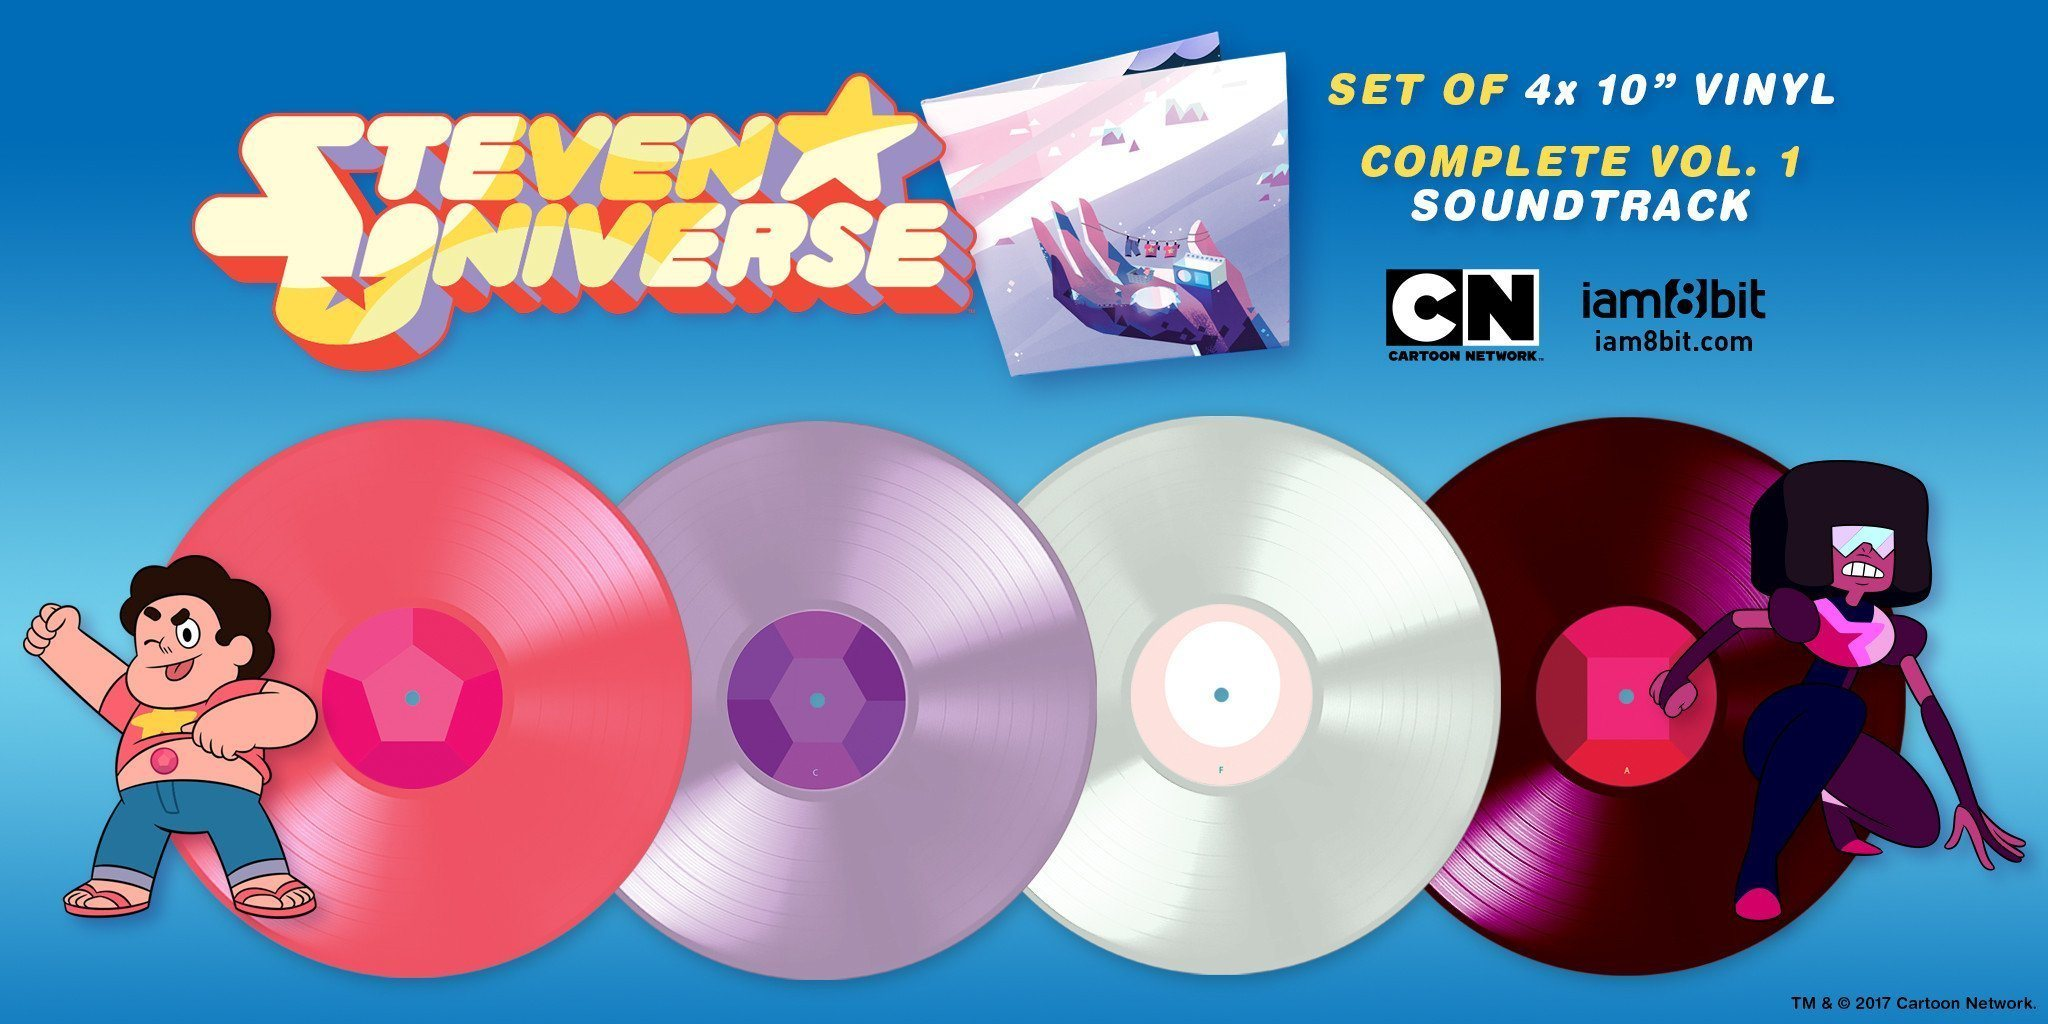 【Steven Universe(スティーブン・ユニバース)】10インチレコード4枚組 - 画像2